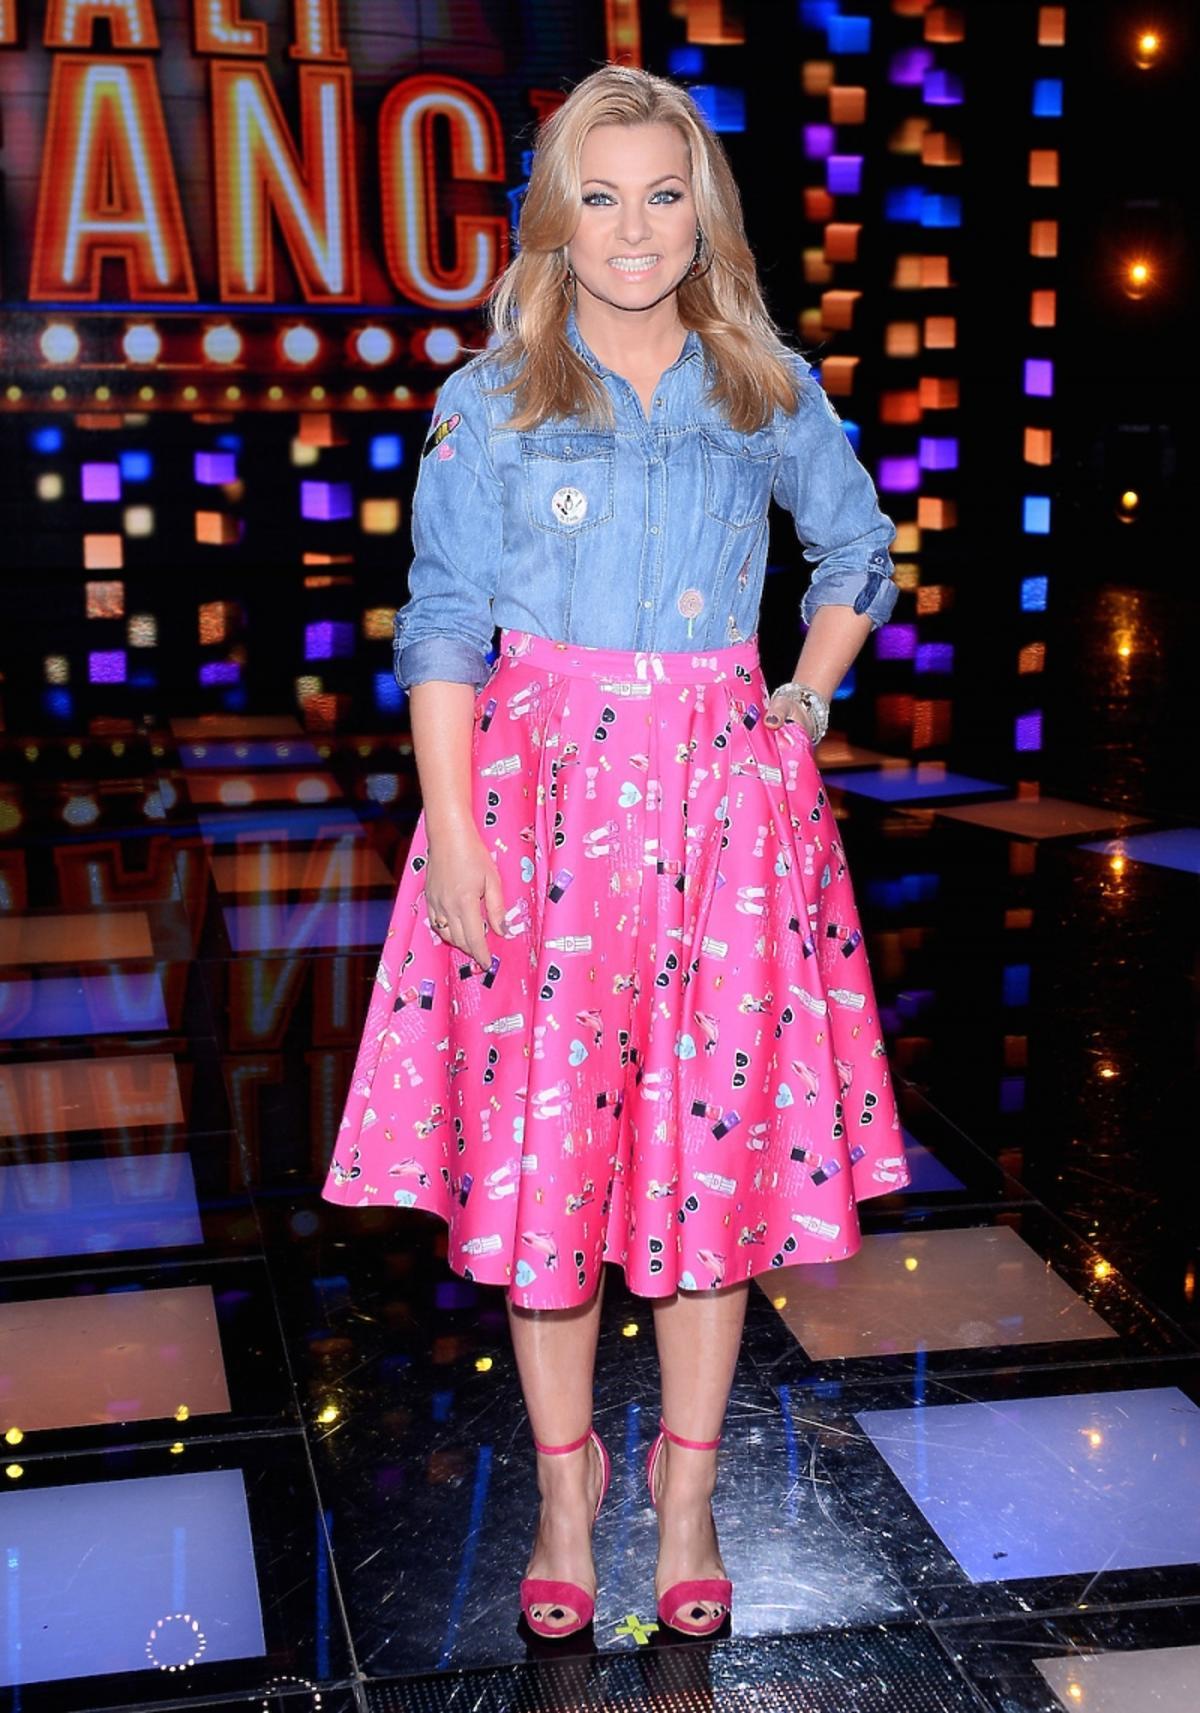 Katarzyna Bujakiewicz w dżinsowej koszuli i różowej spódnicy w kolorowe nadruki